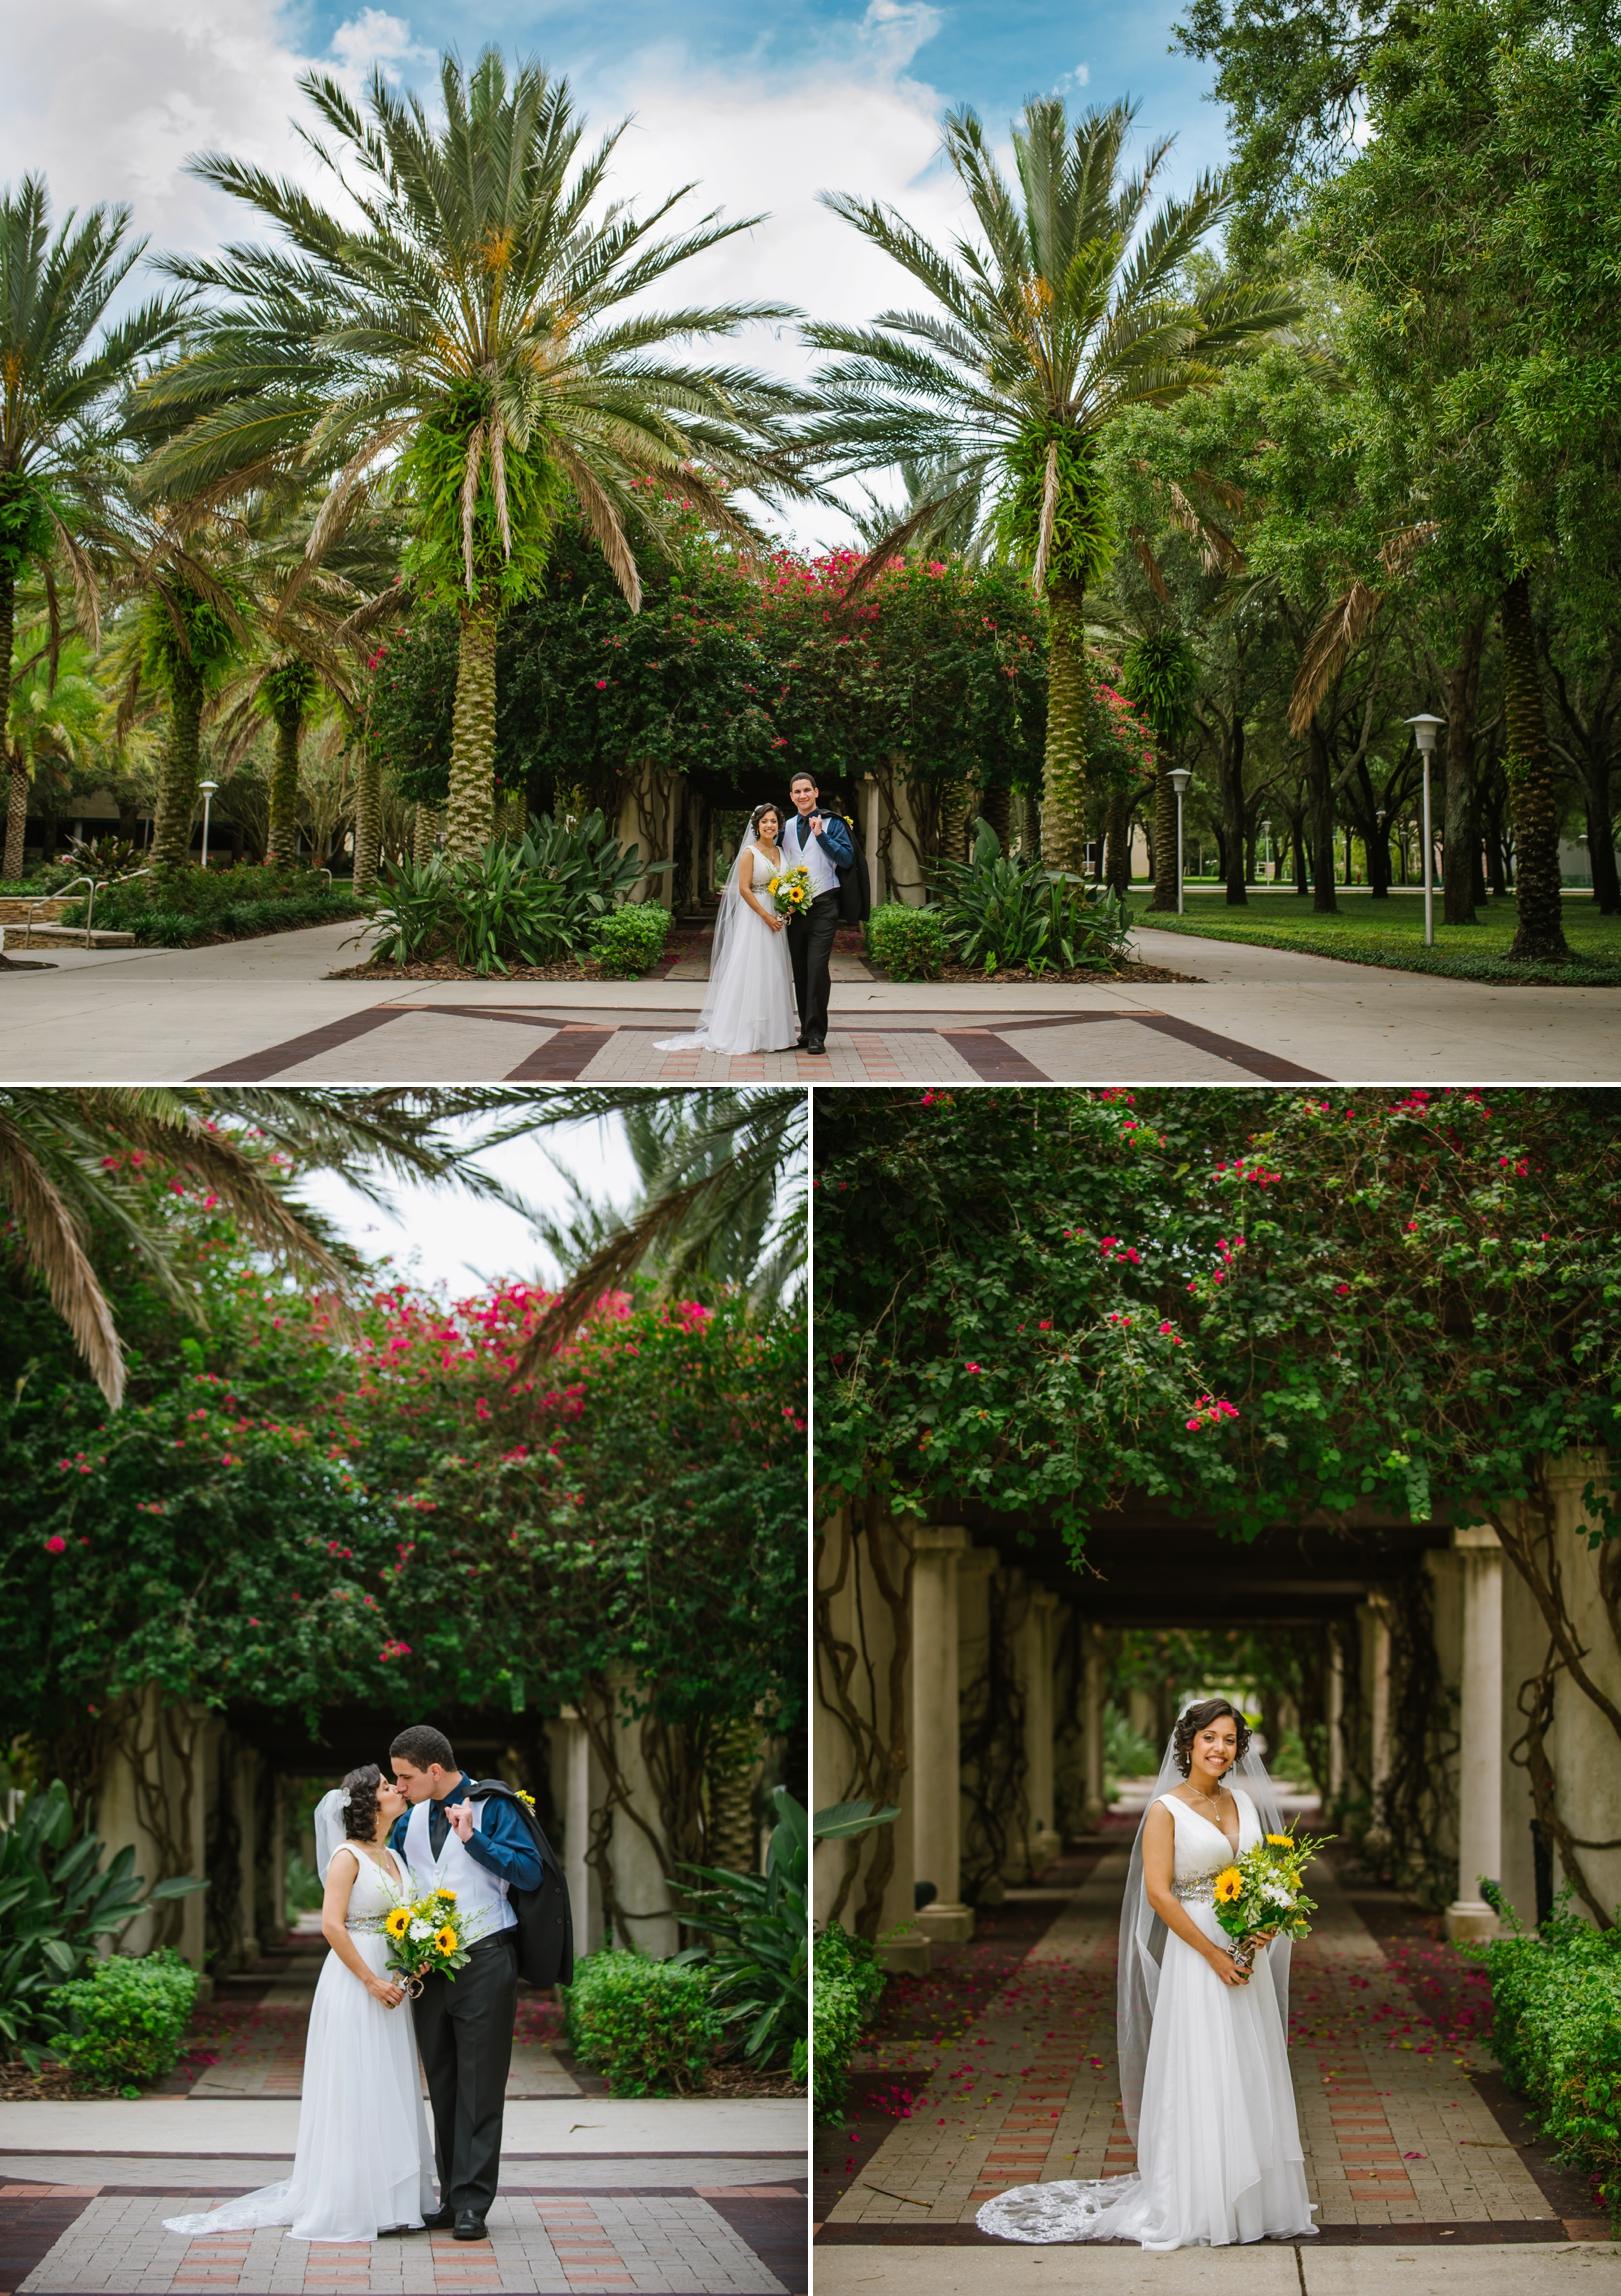 tampa-wedding-photographer-ashlee-hamon-usf_0010.jpg